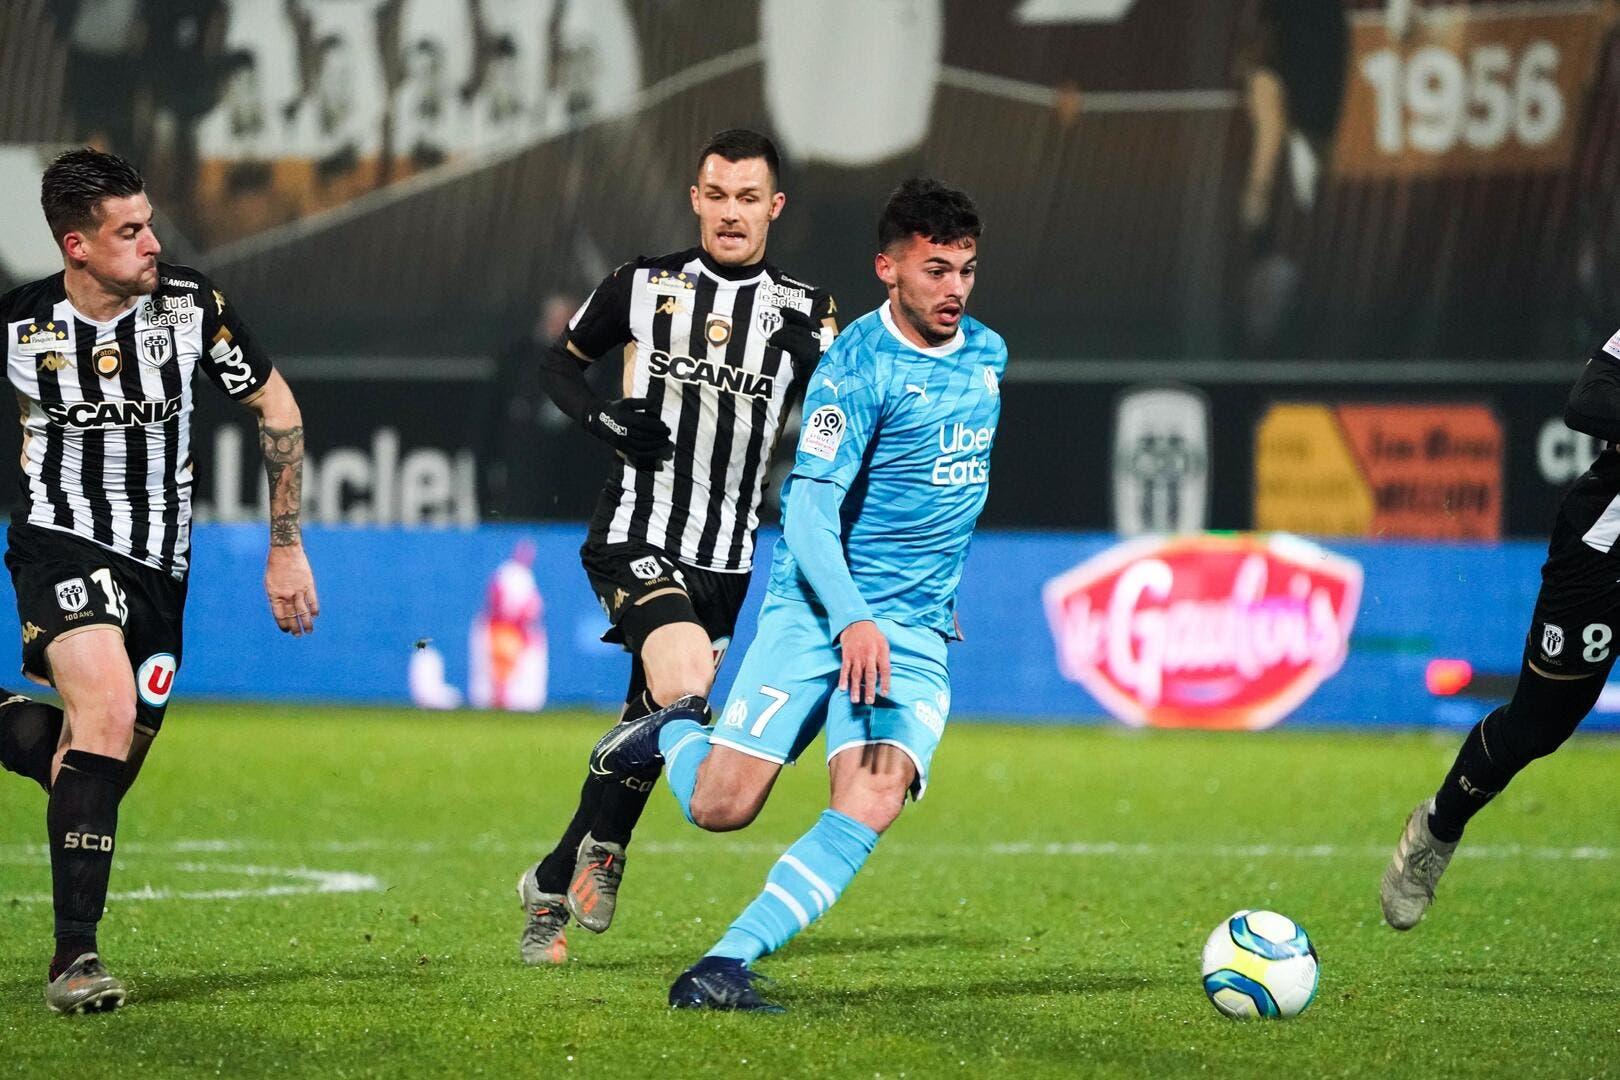 OM : Ben Arfa et Walcott pour 12ME, Marseille a fait fort